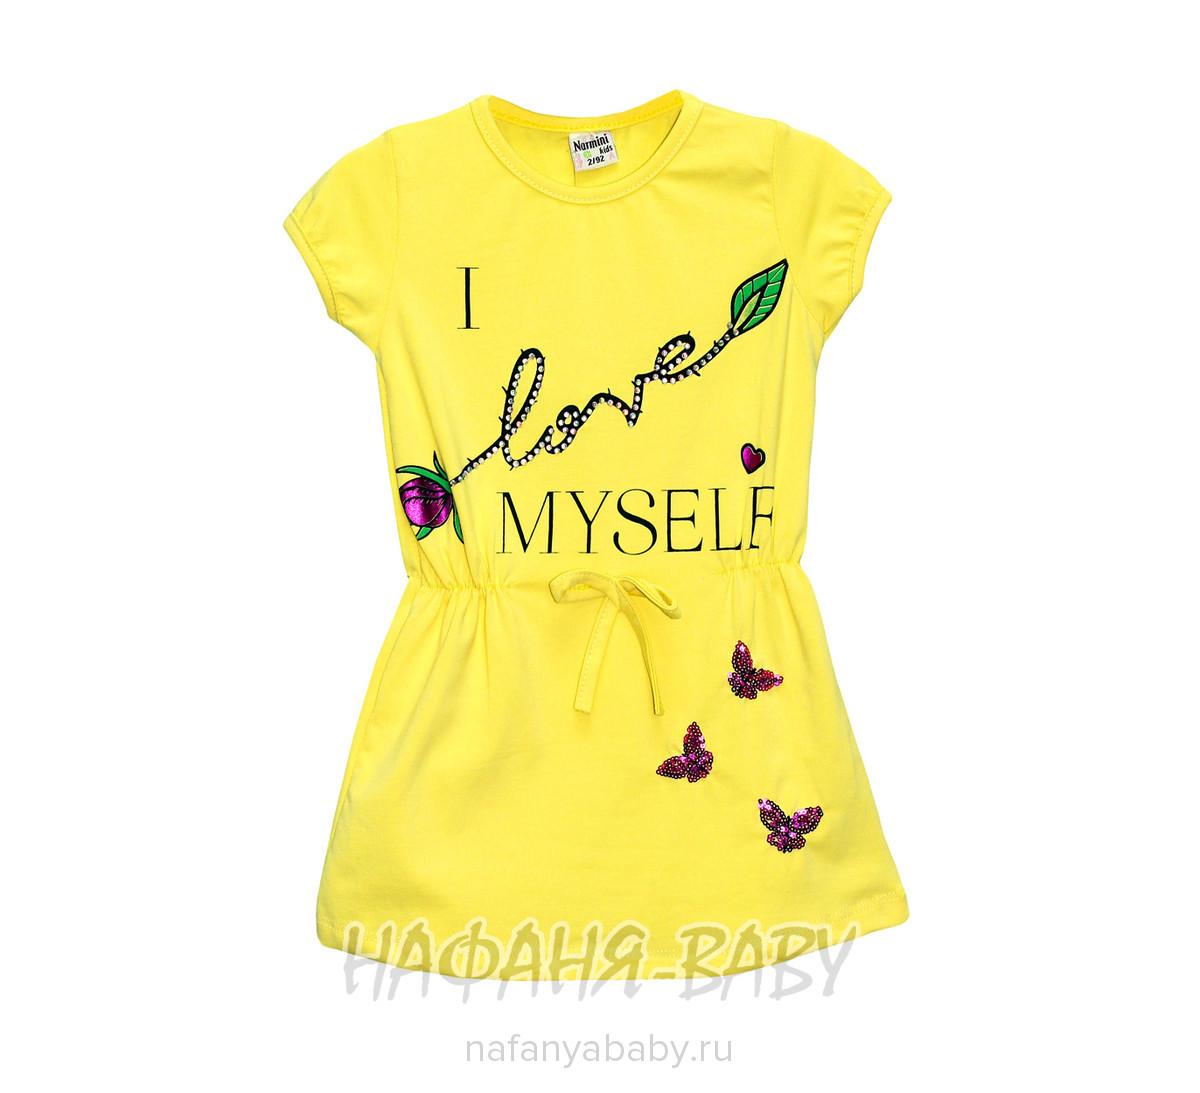 Детское платье NARMINI арт: 5557, 1-4 года, 5-9 лет, цвет малиновый, оптом Турция